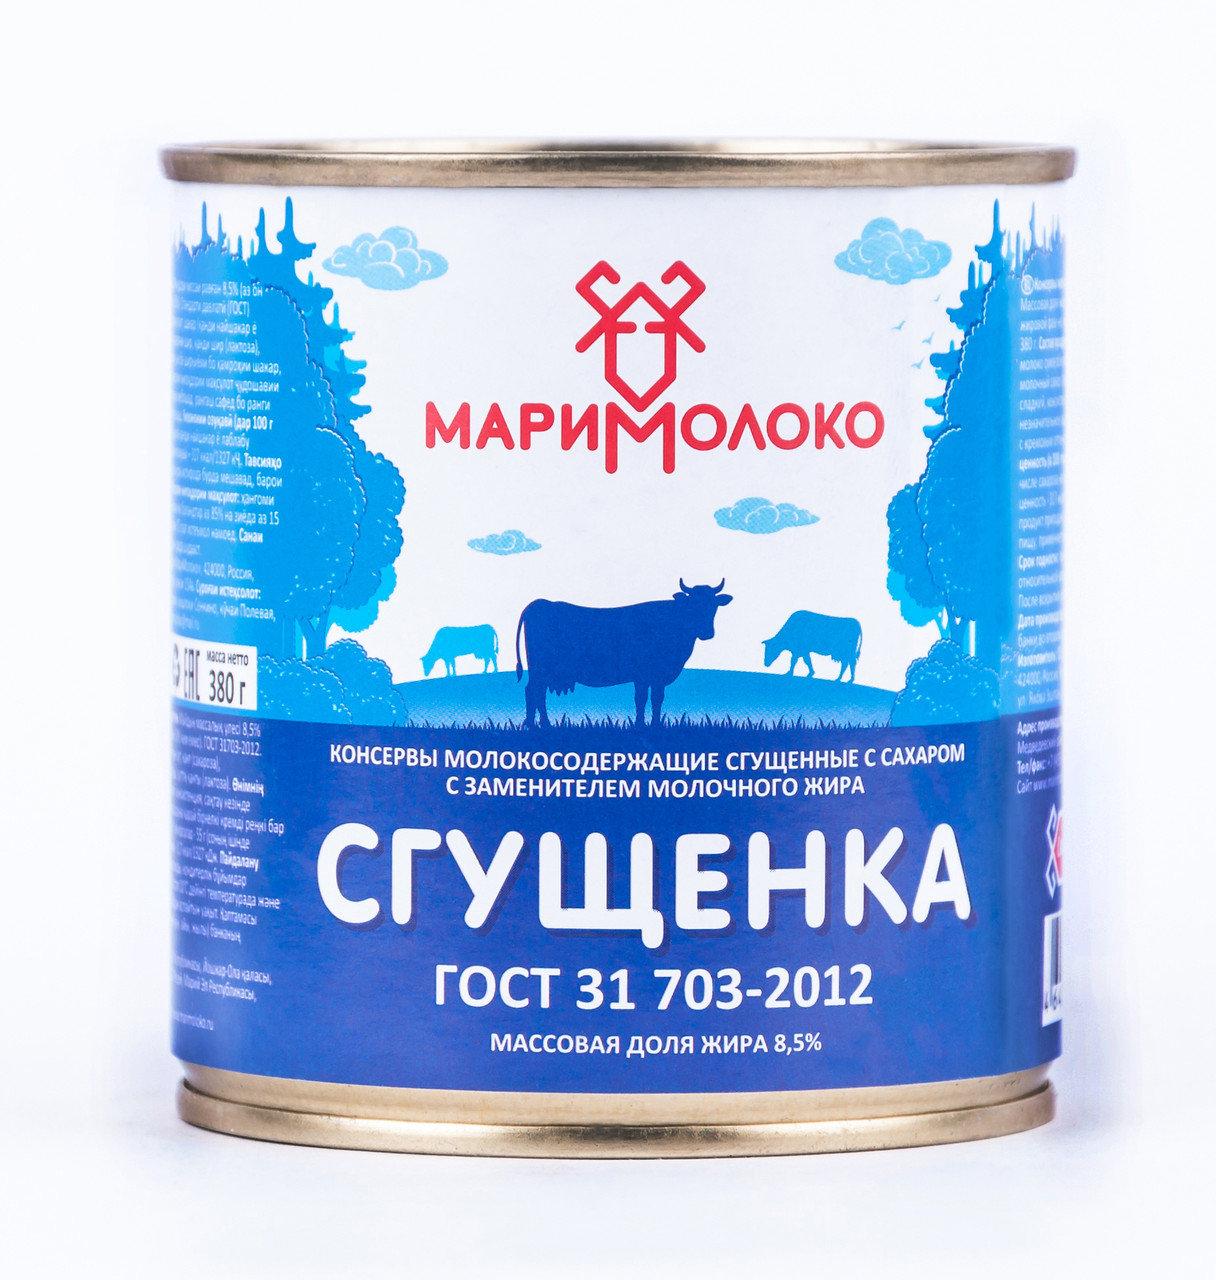 Молоко цельное сгущеное с сахаром ГОСТ  Маримолоко  380гр.